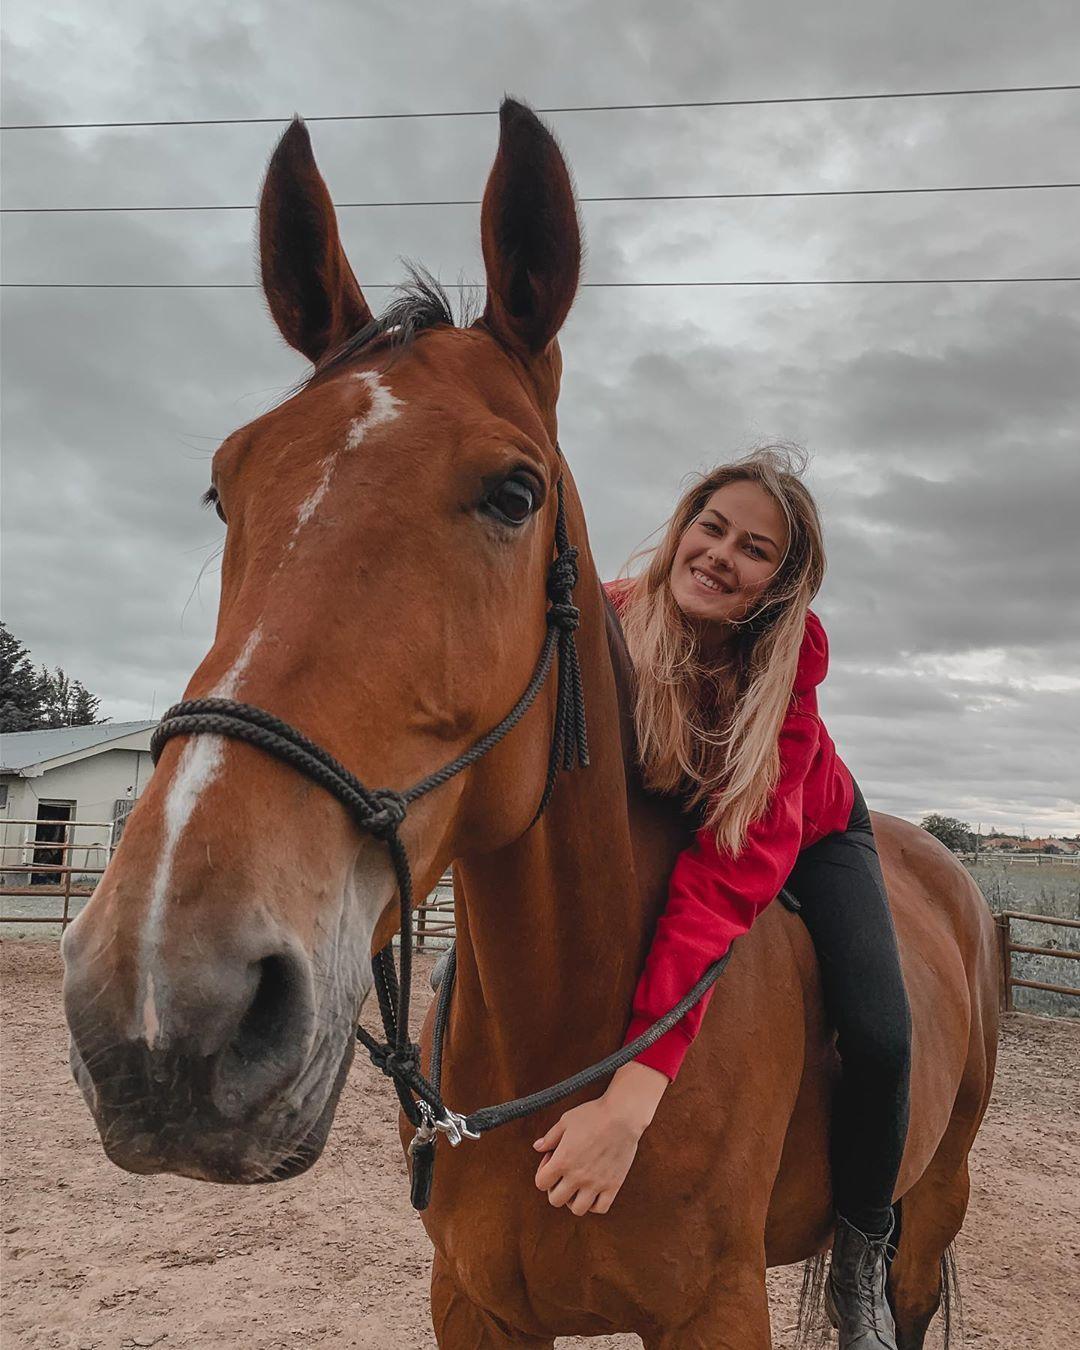 Mladá konská terapeutka Vanessa: Ak sa k tebe blíži kôň, ktorému nie je vidieť uši, utekaj! (Rozhovor)